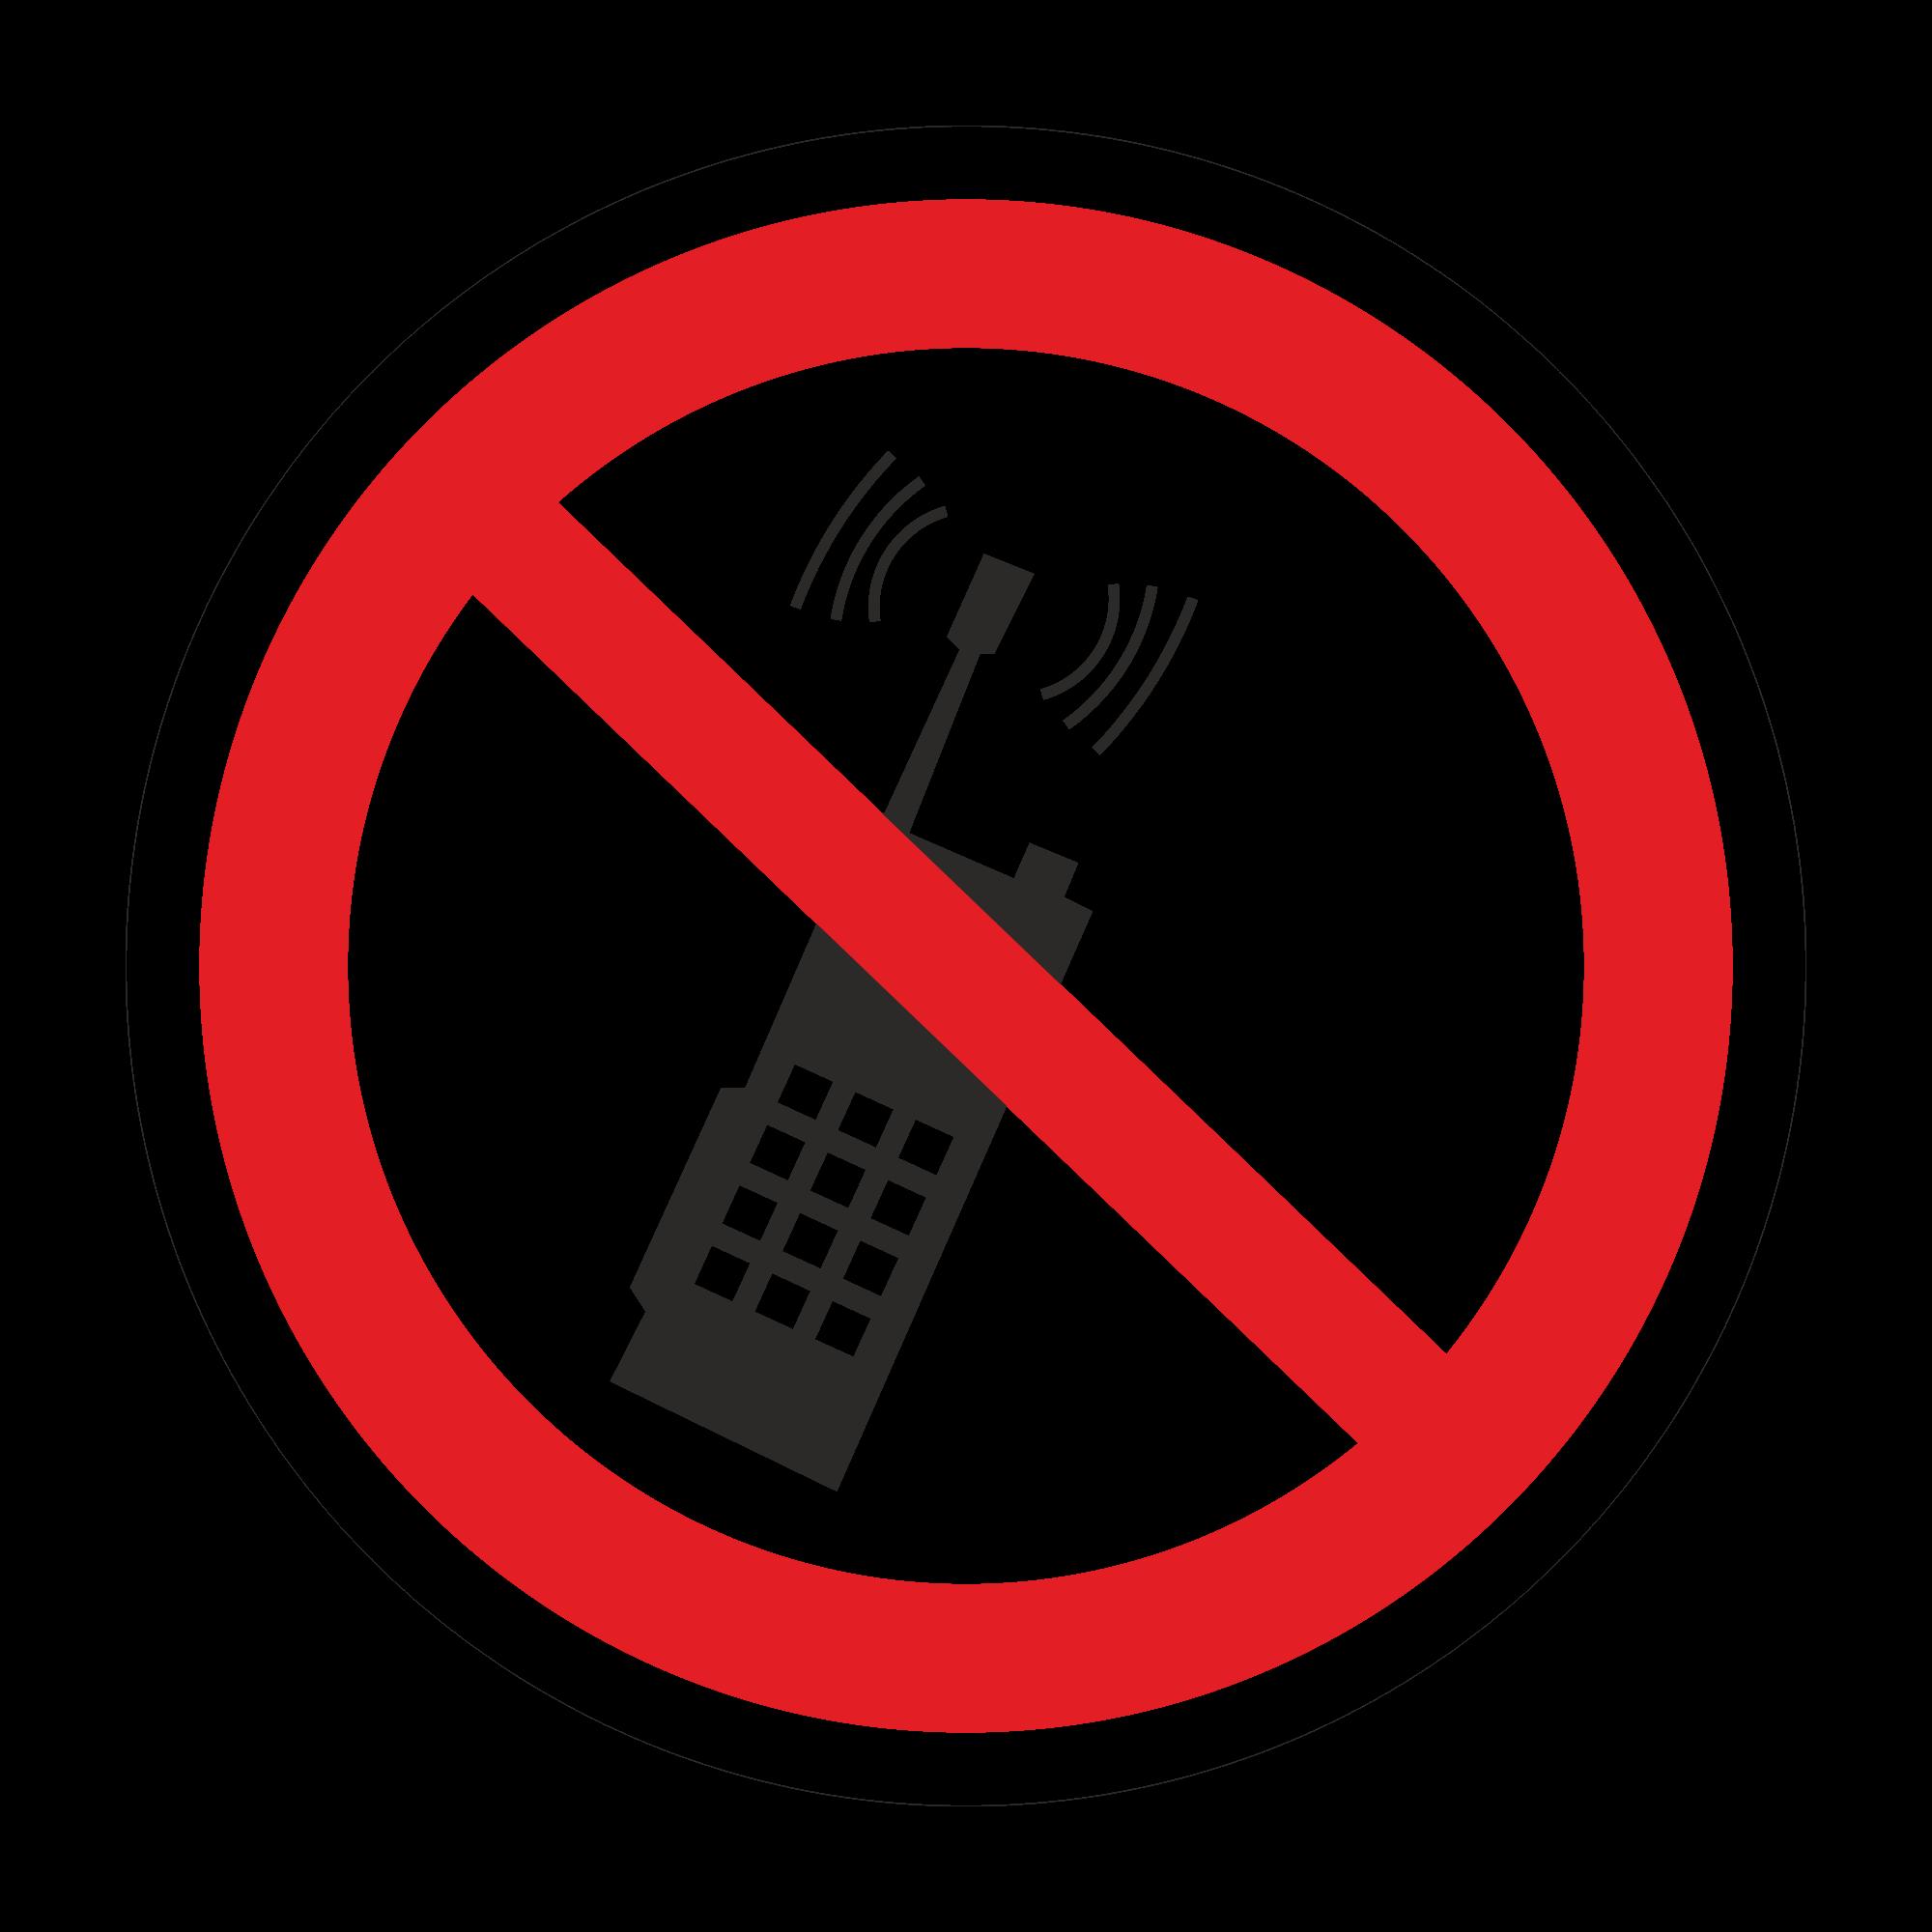 Р18 Запрещается пользоваться мобильным телефоном или рацией